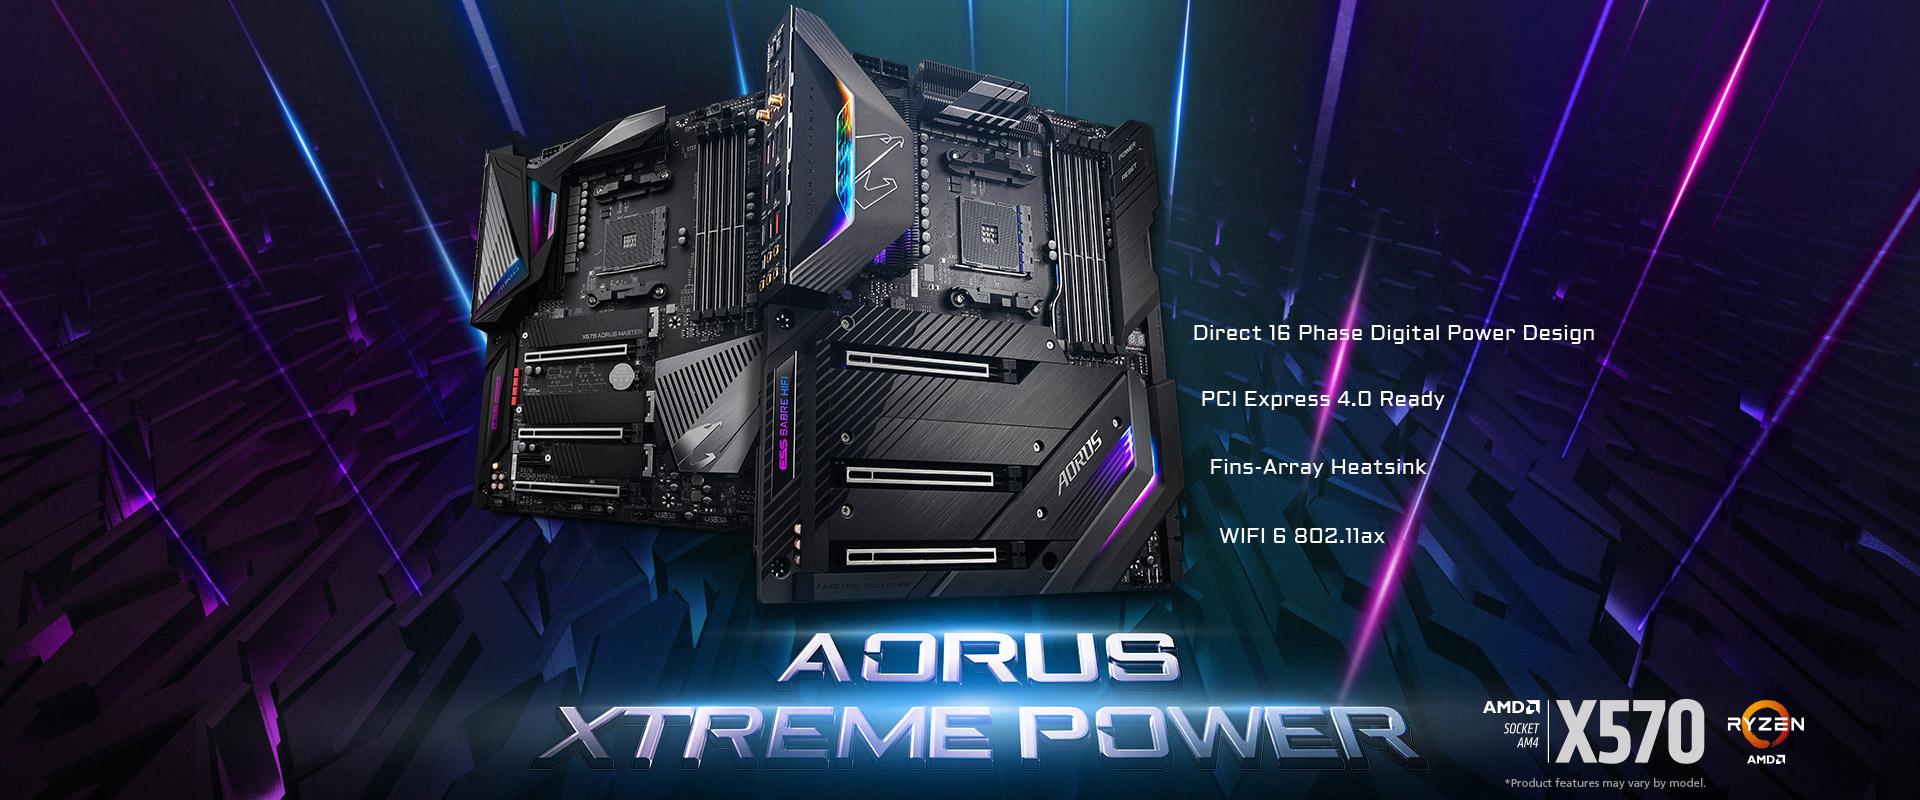 Gigabyte X570S Motherboard Terlihat, Diduga Dibuat Untuk AMD Ryzen Zen 3+ Refresh 'Warhol' CPUs